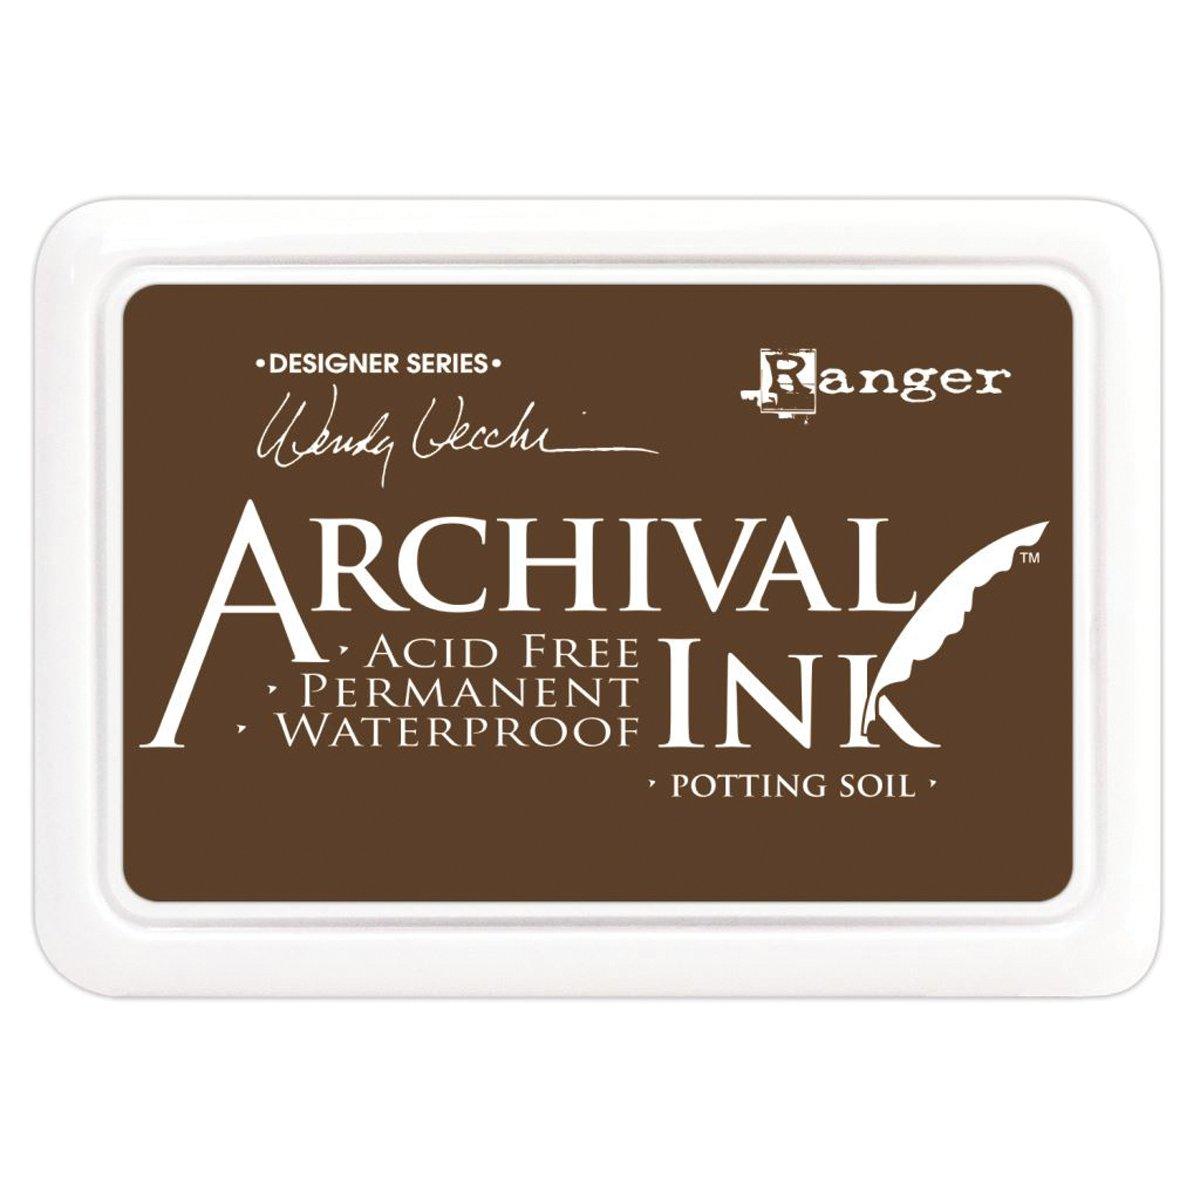 Ranger Potting Soil Archival Ink, Orange Ranger Industries AID-38979